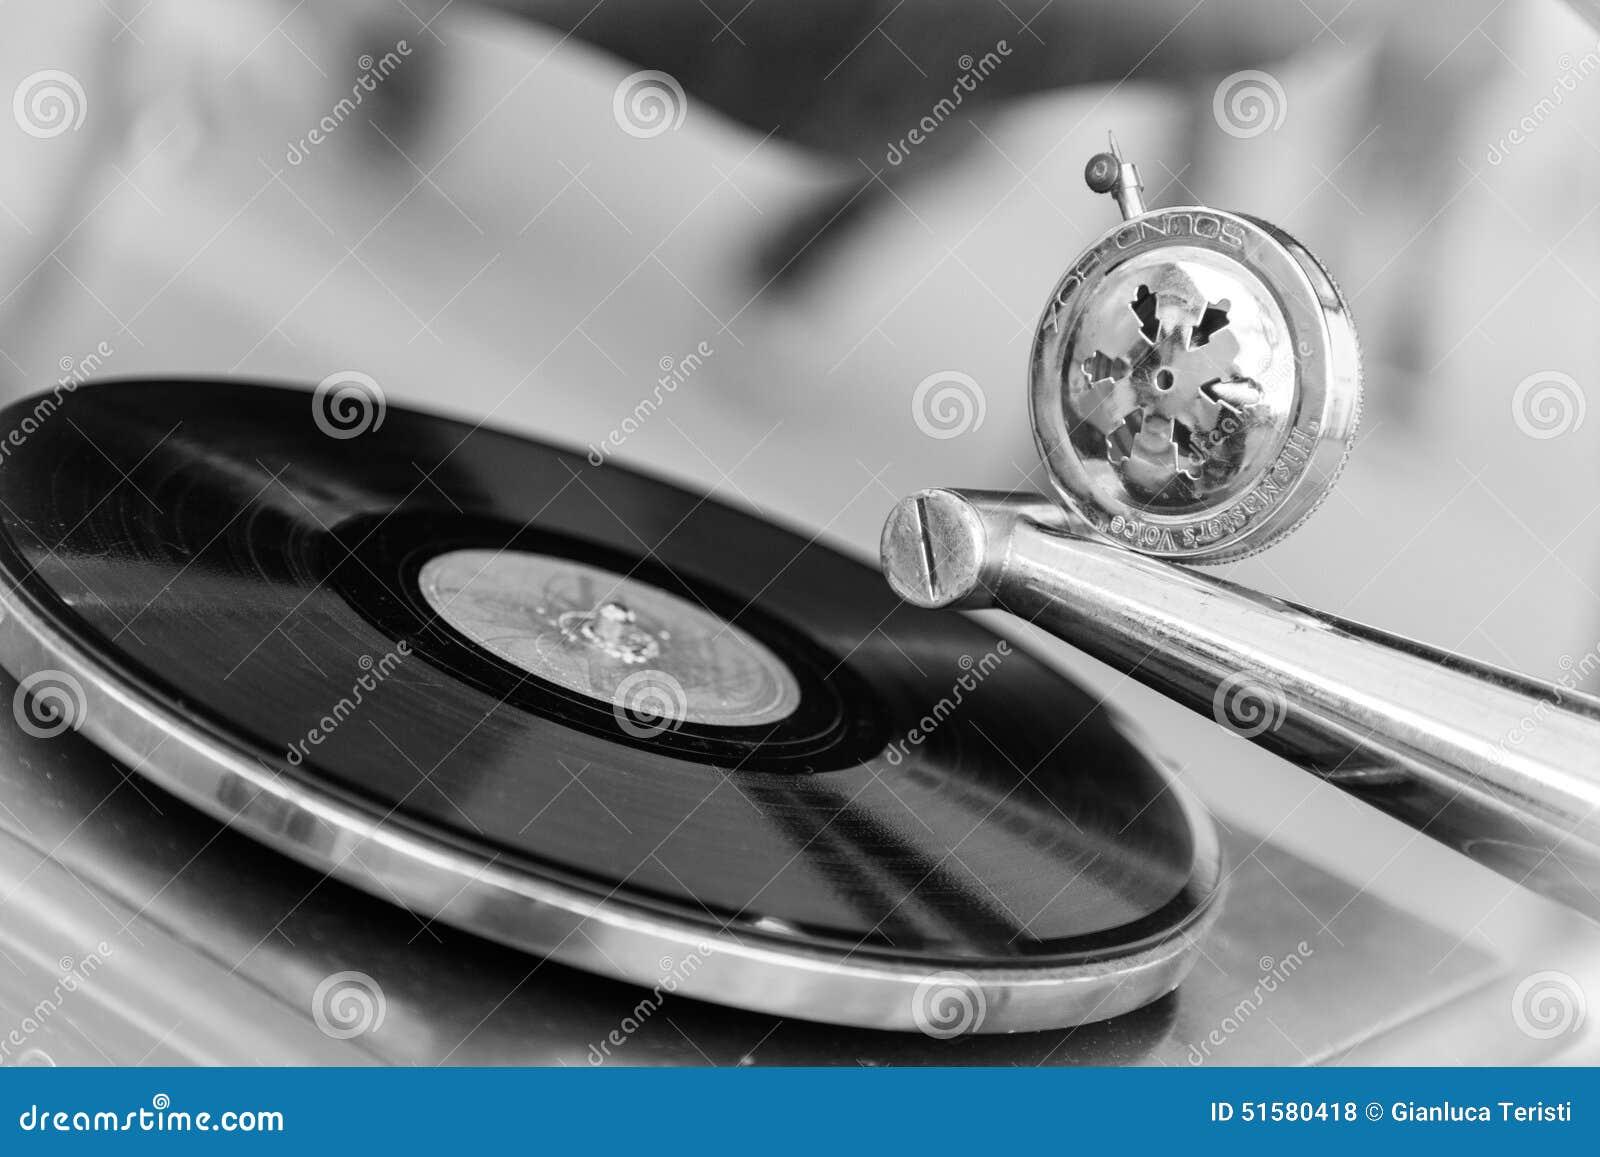 Platenspeler Als Decoratie : Oude platenspeler stock foto. afbeelding bestaande uit schijf 51580418